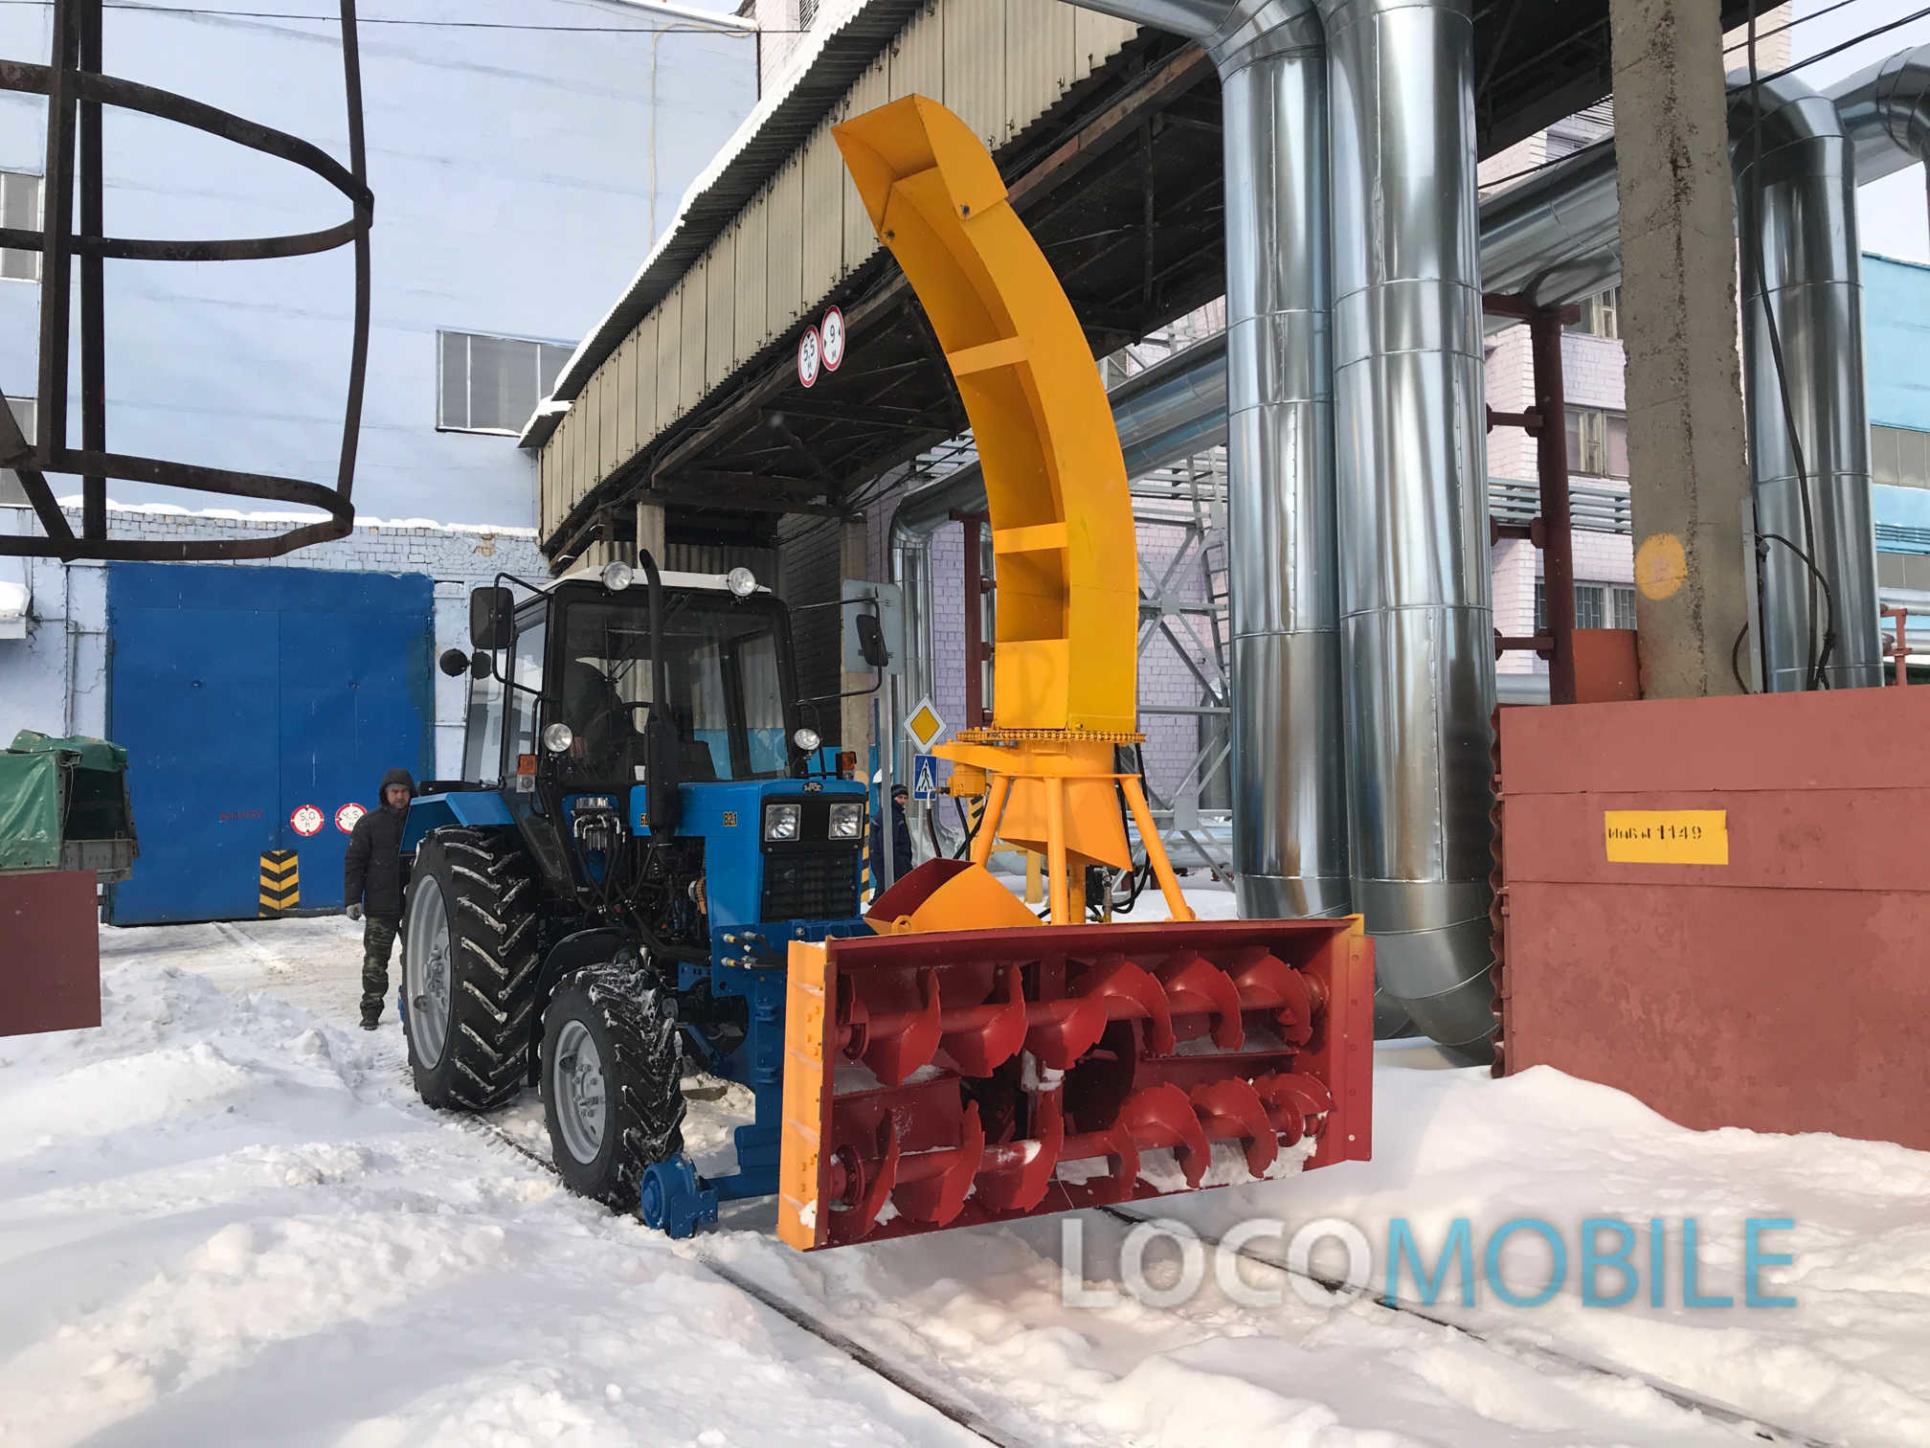 по телефону +375296226185, написать запрос на e-mail: info@locomobile.ru. Получить консультации можно на сайте:  https://www.locomobile.ru/снегоуборщик